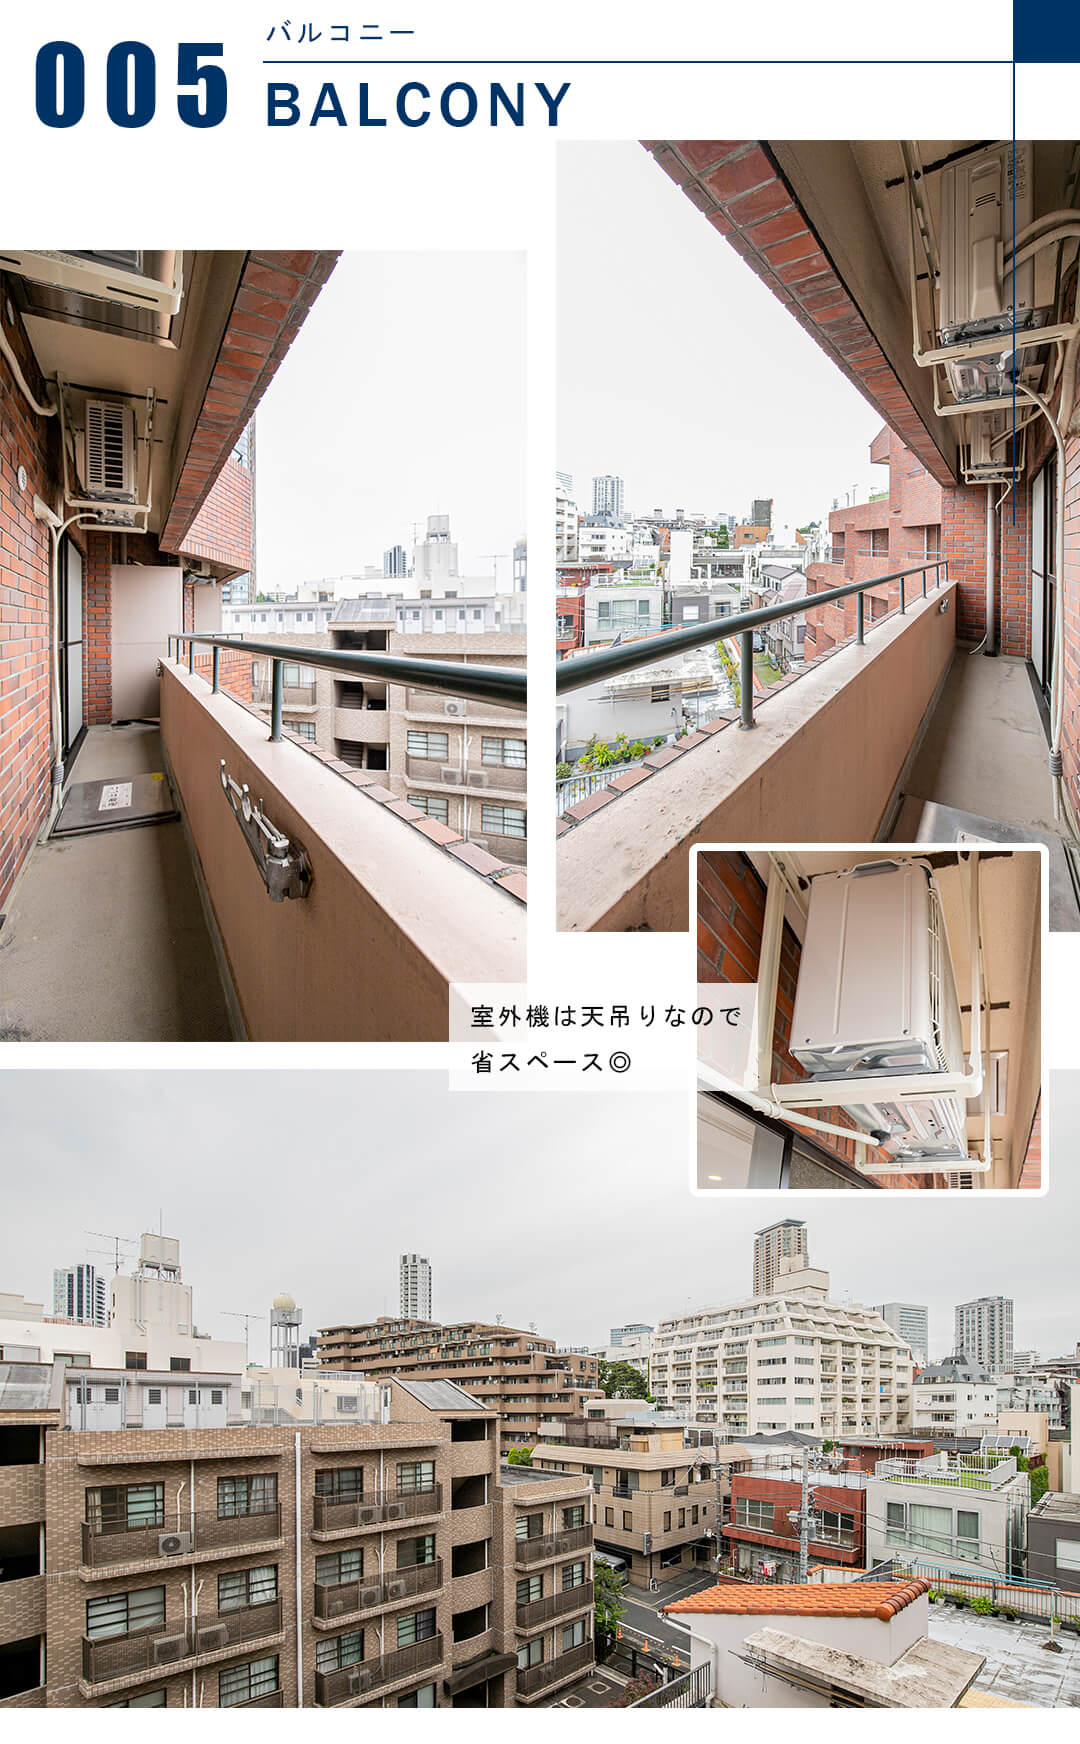 インペリアル赤坂壱番館のバルコニー